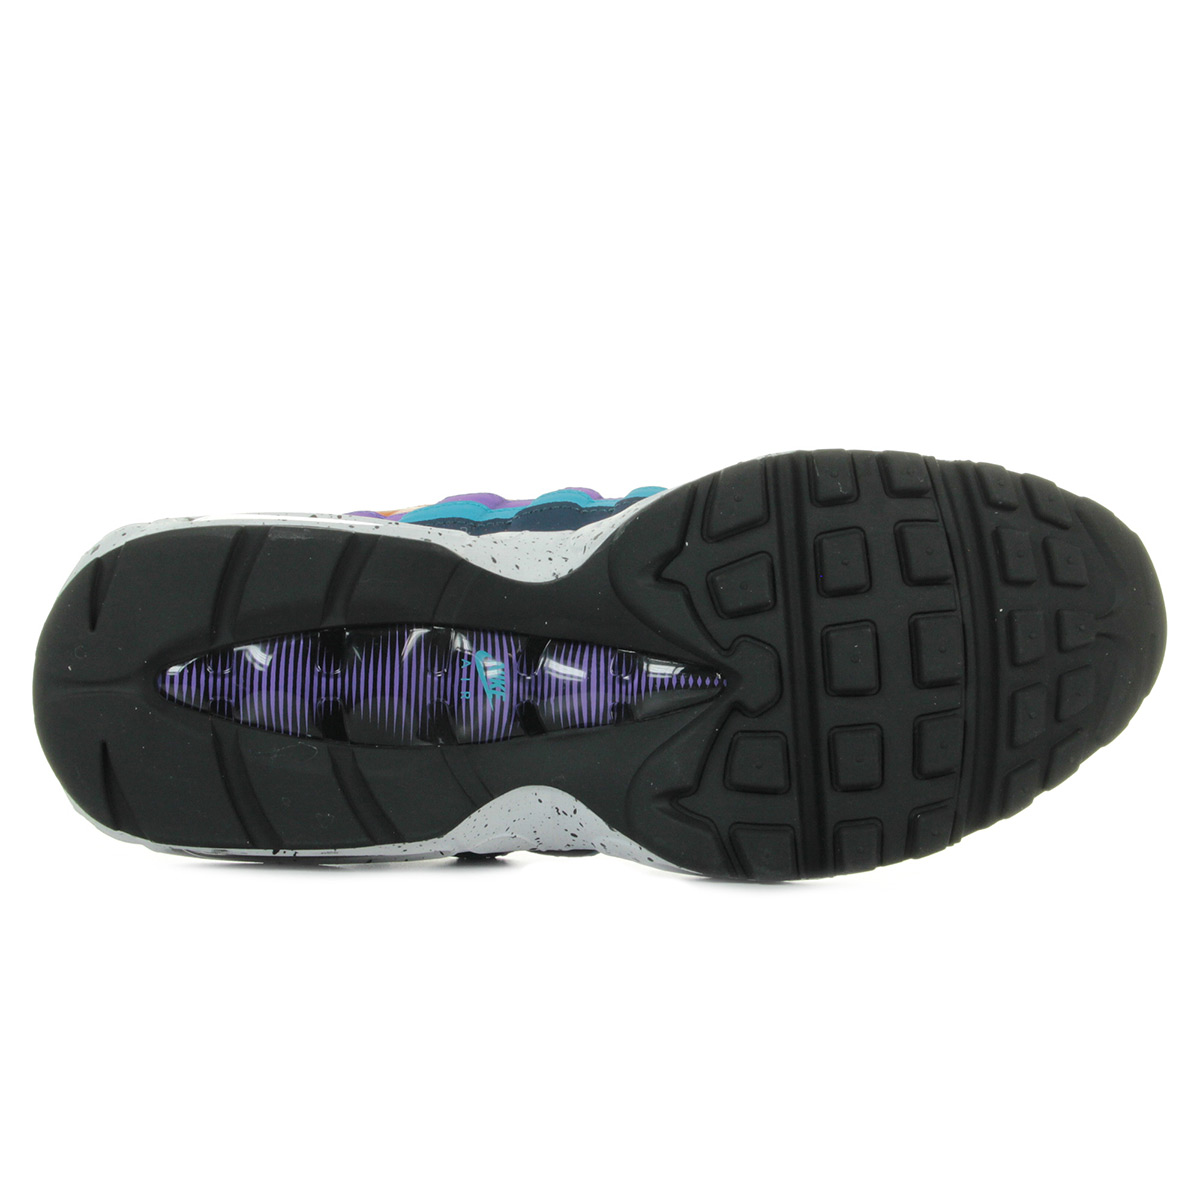 Nike Air max 95 premium 538416800, Baskets mode homme